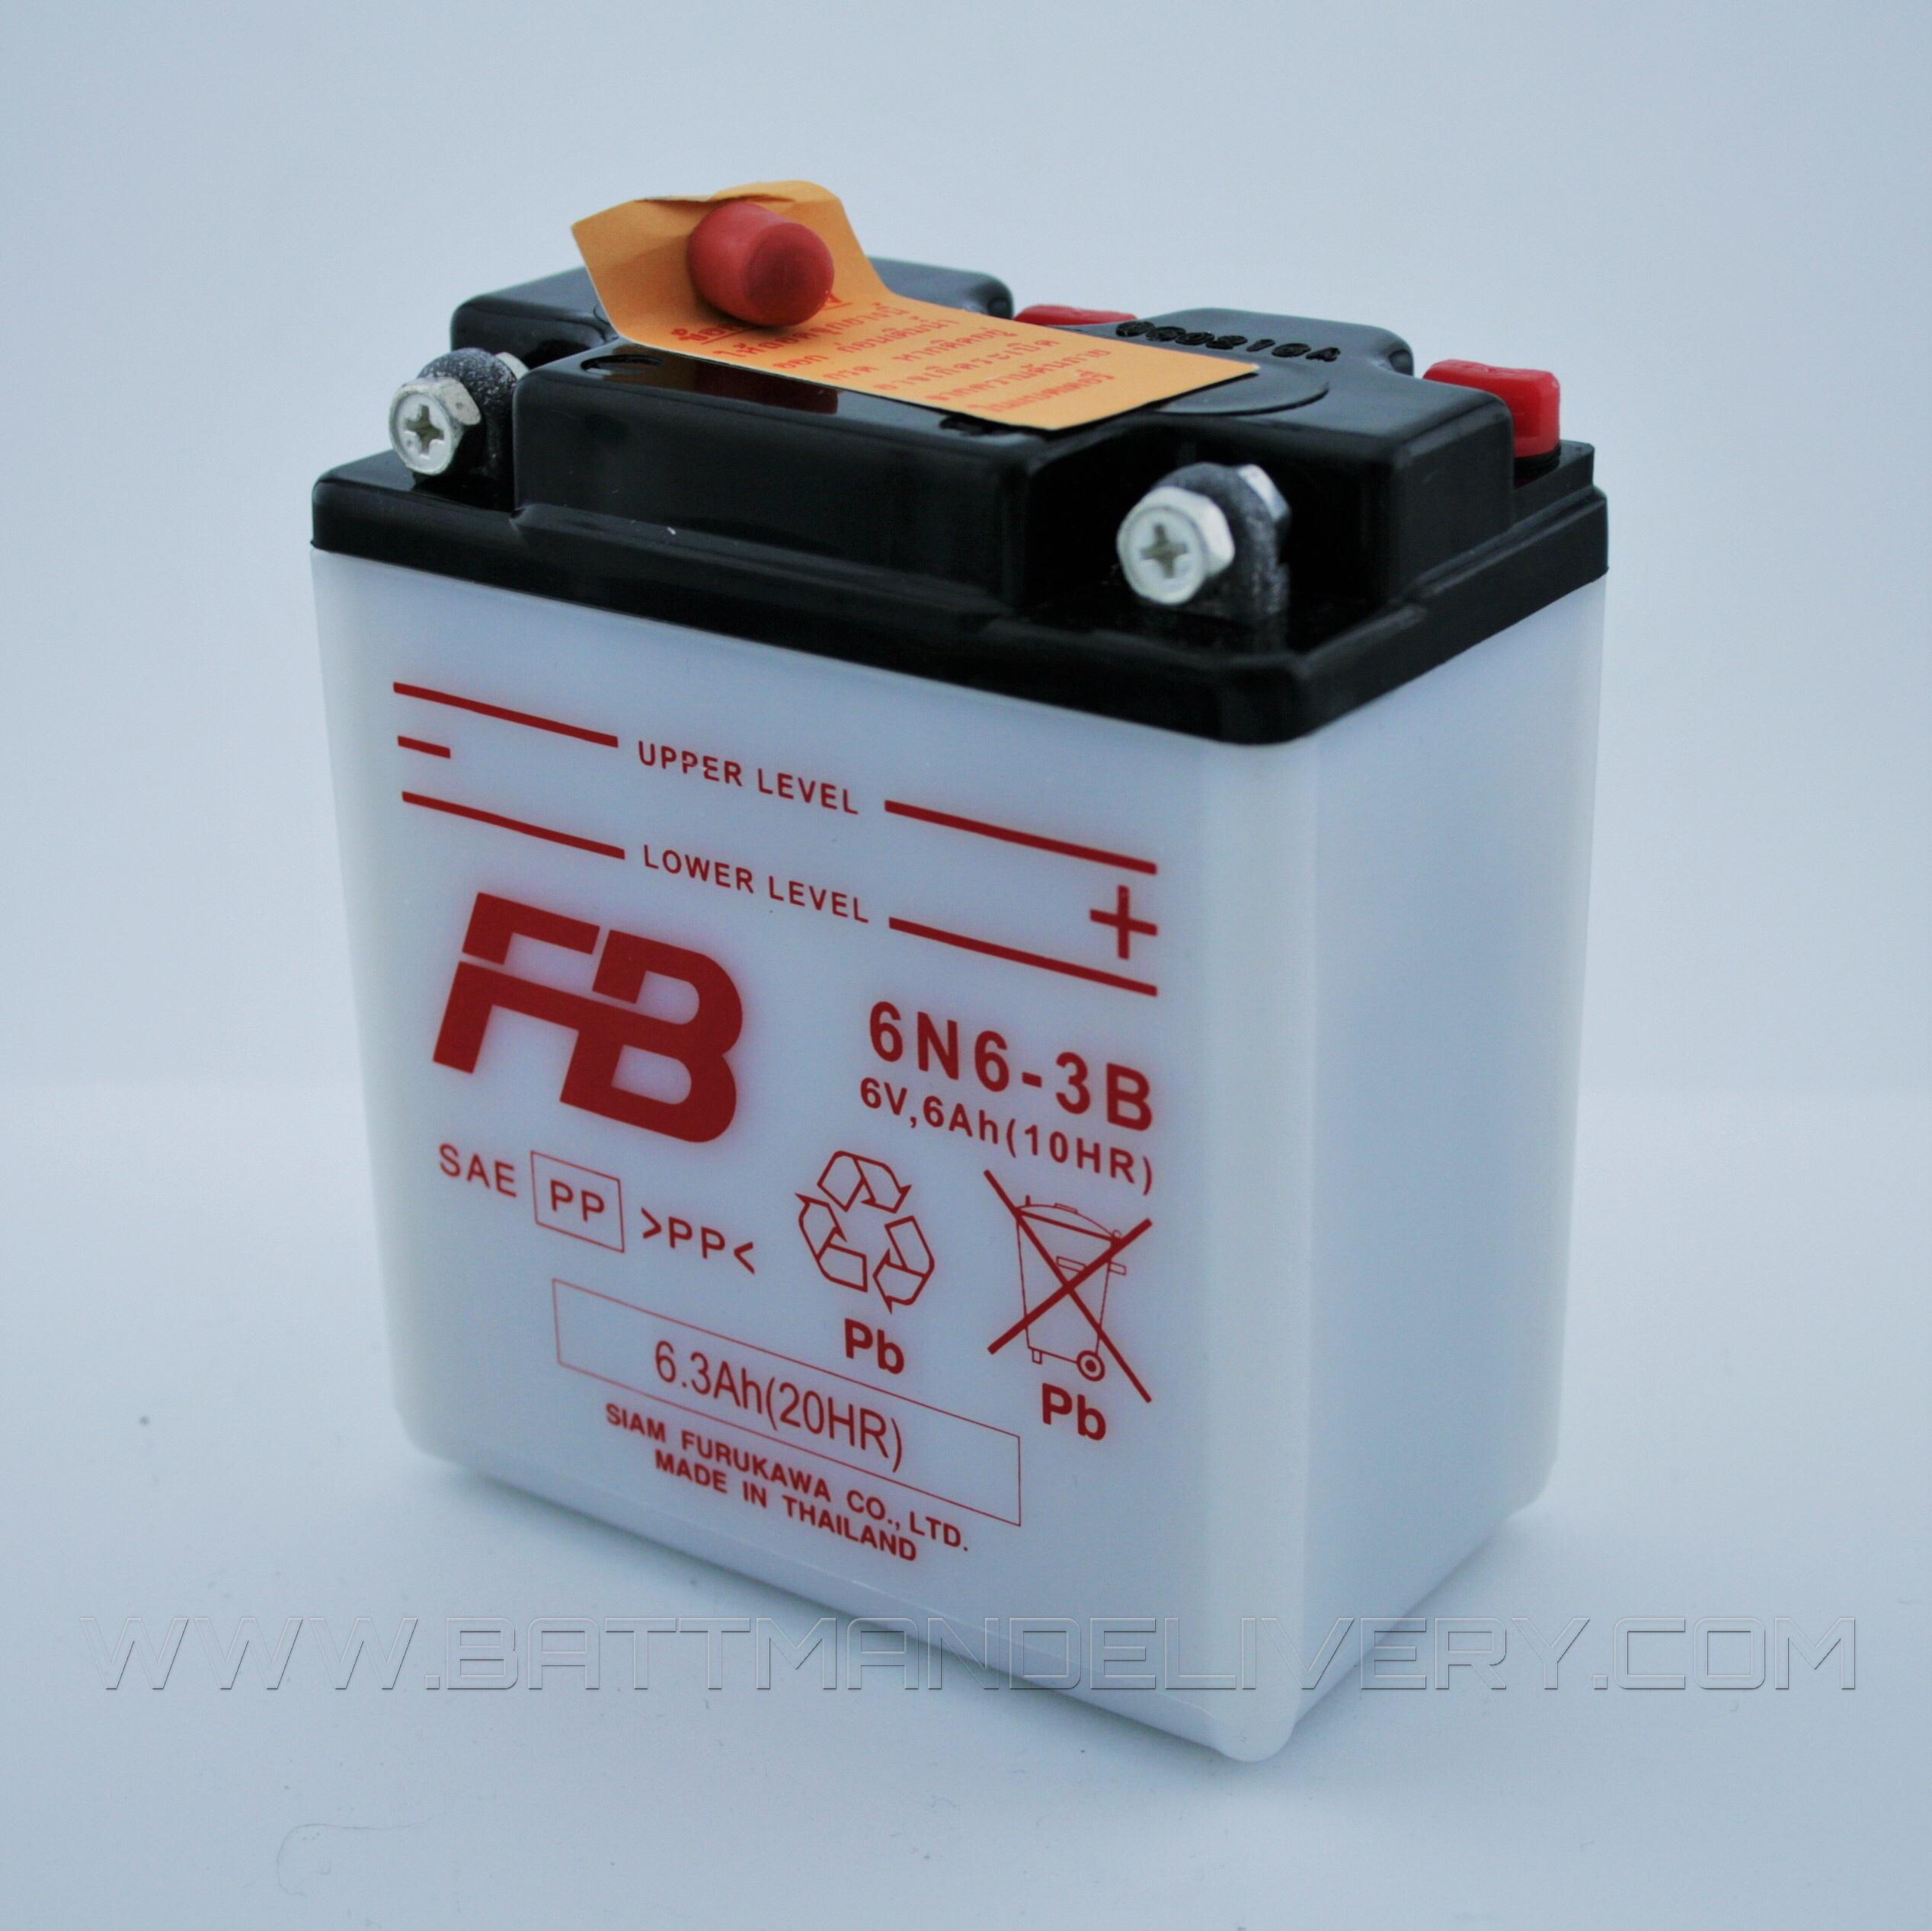 แบตเตอรี่มอเตอร์ไซค์ แบบน้ำ ยี่ห้อ FB รุ่น 6N6-3B (12V 6AH) สำหรับรถรุ่น CB100